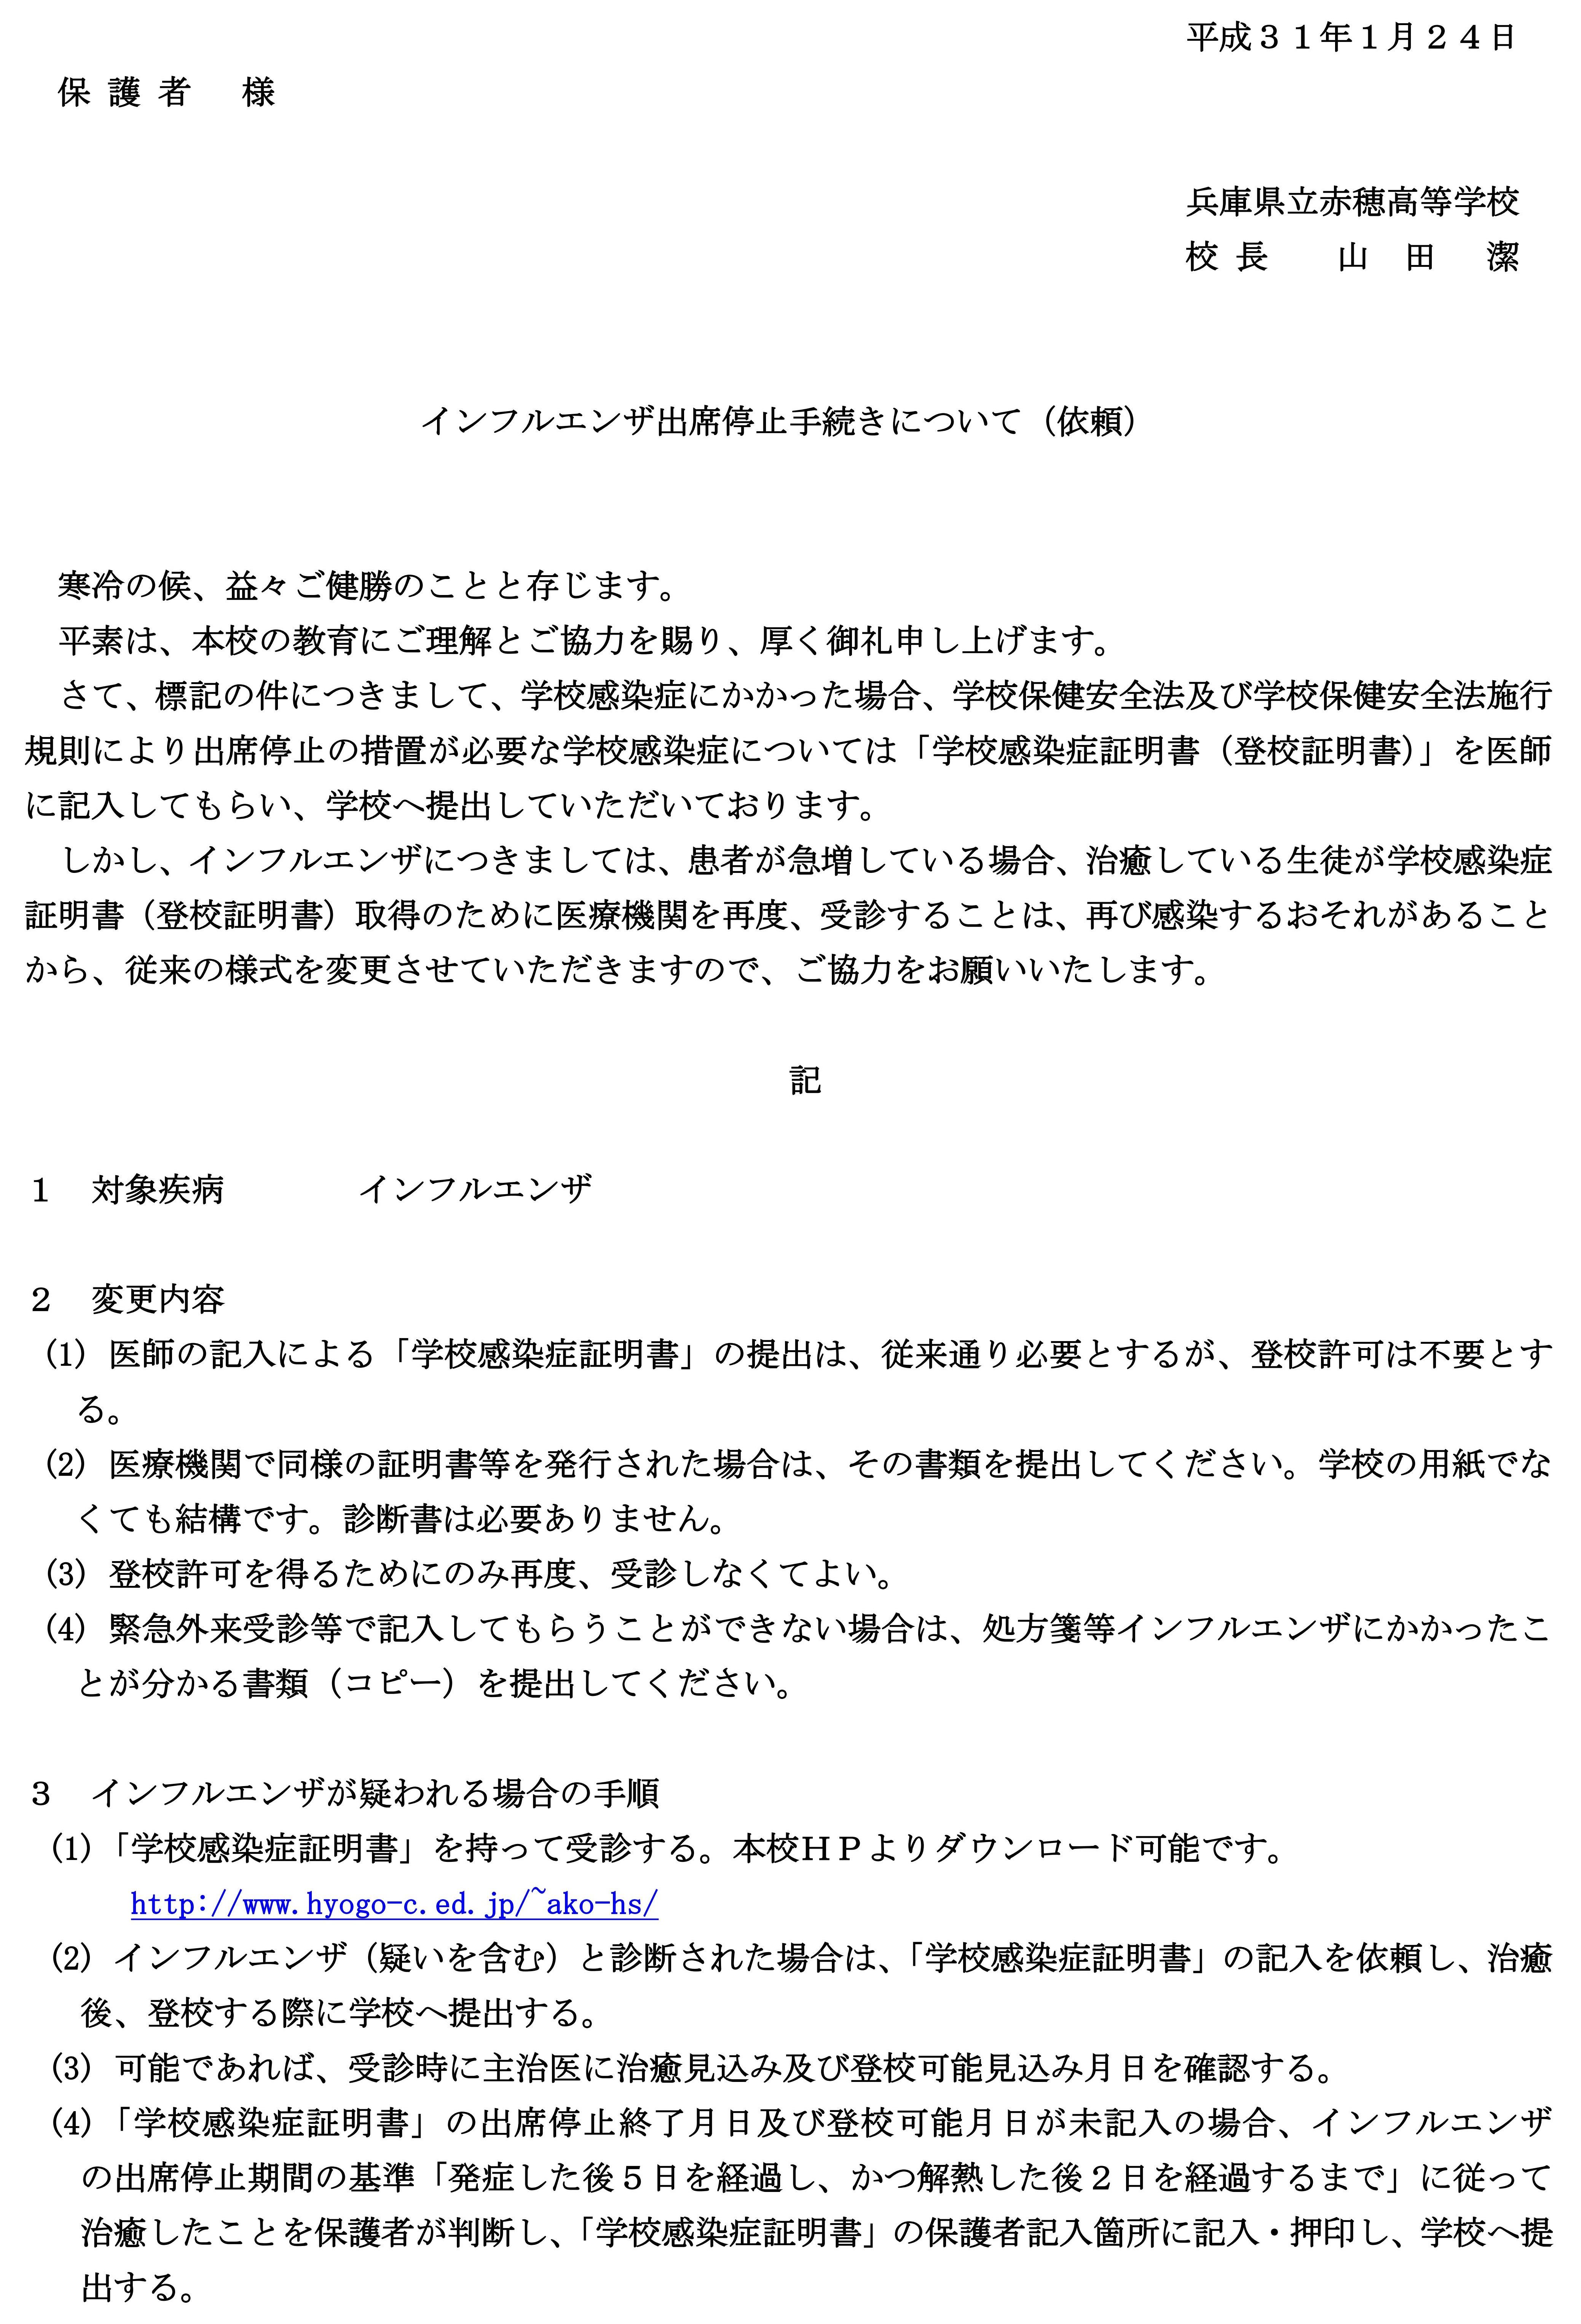 兵庫県立赤穂高等学校